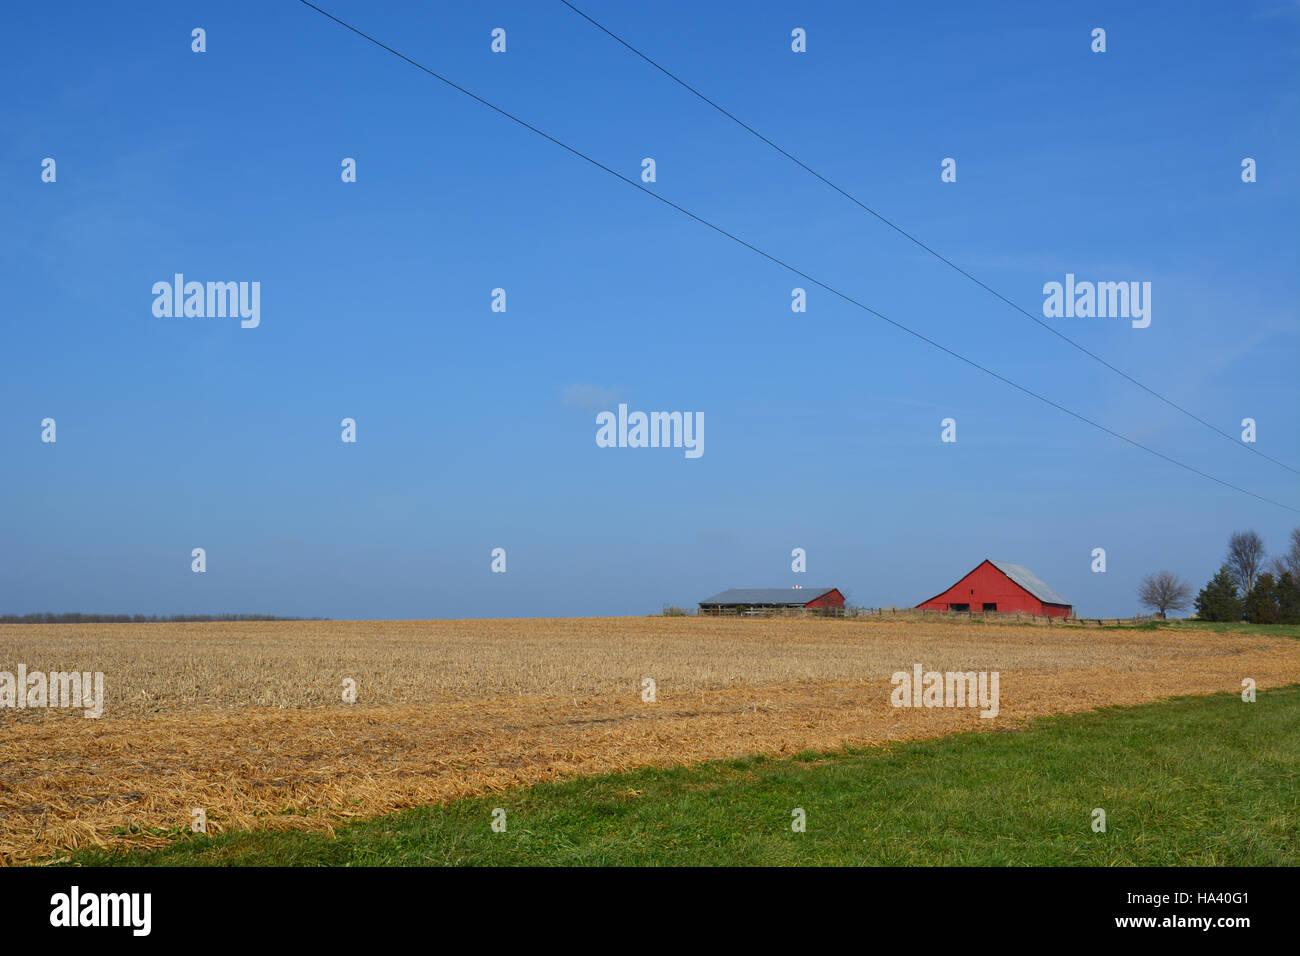 Campi di fattoria nel midwestern Stati sono raccolte in anticipo di inverno. Immagini Stock